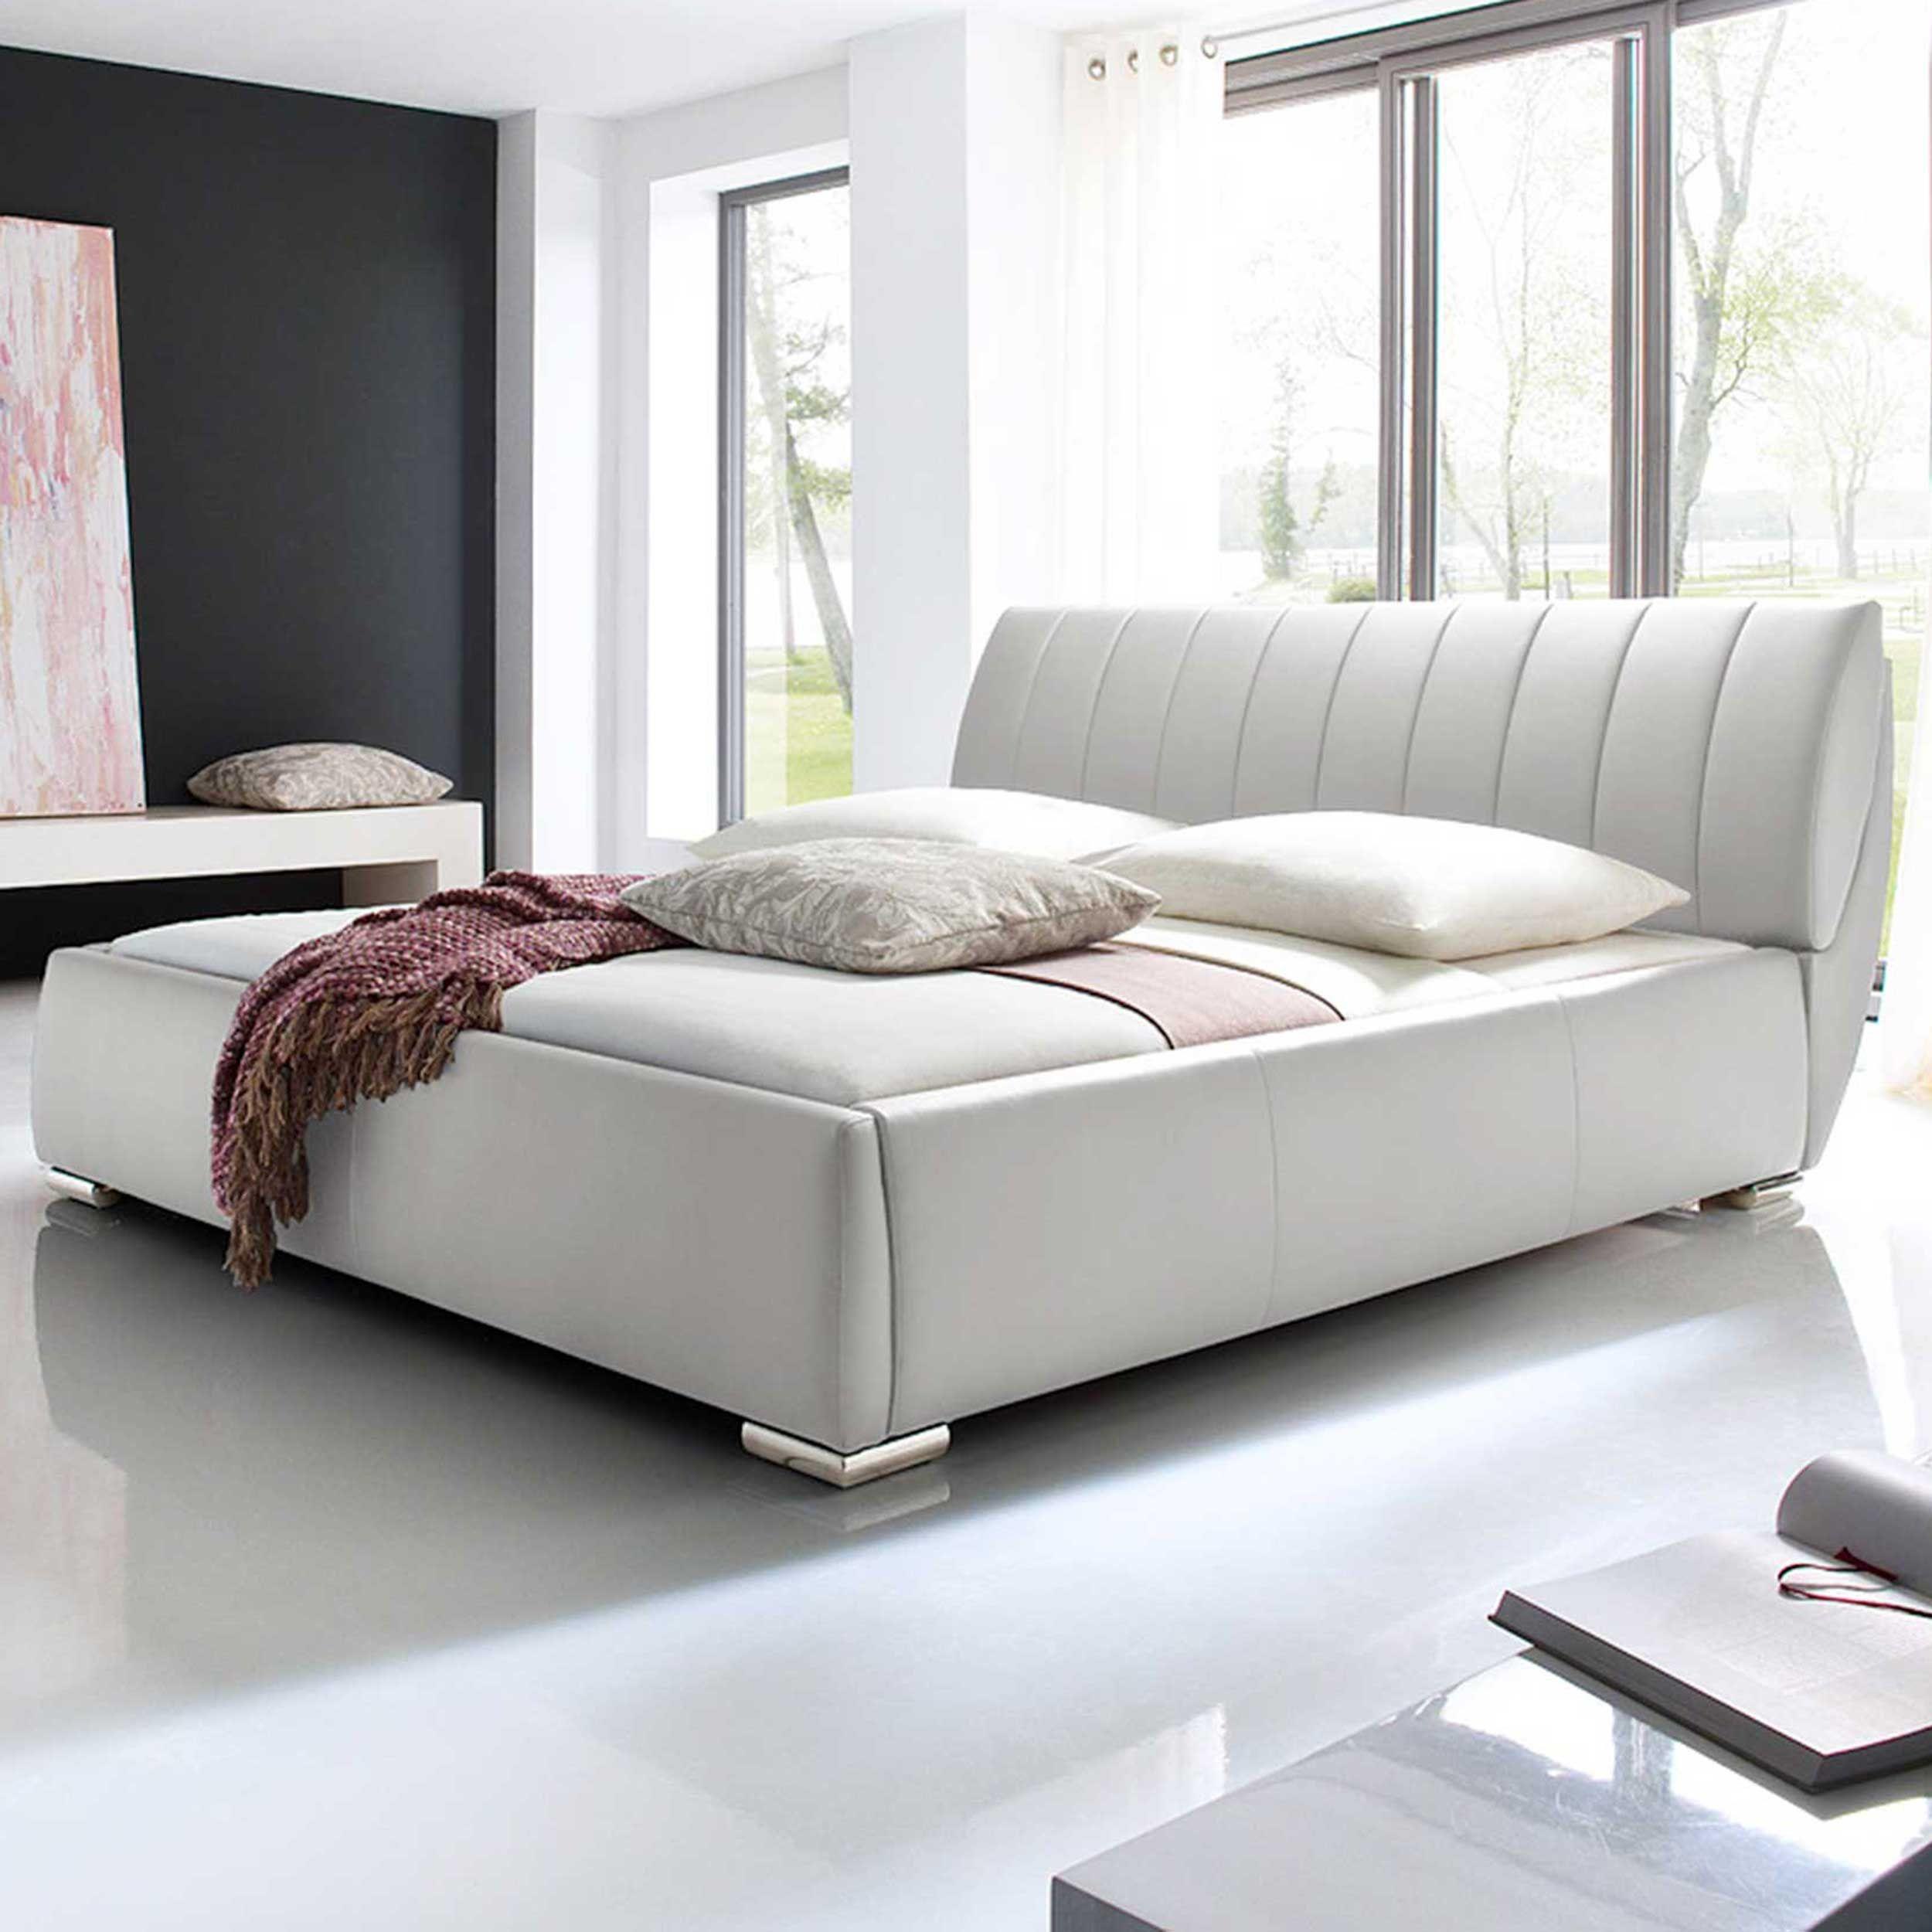 lit coffre davos 180x200 blanc